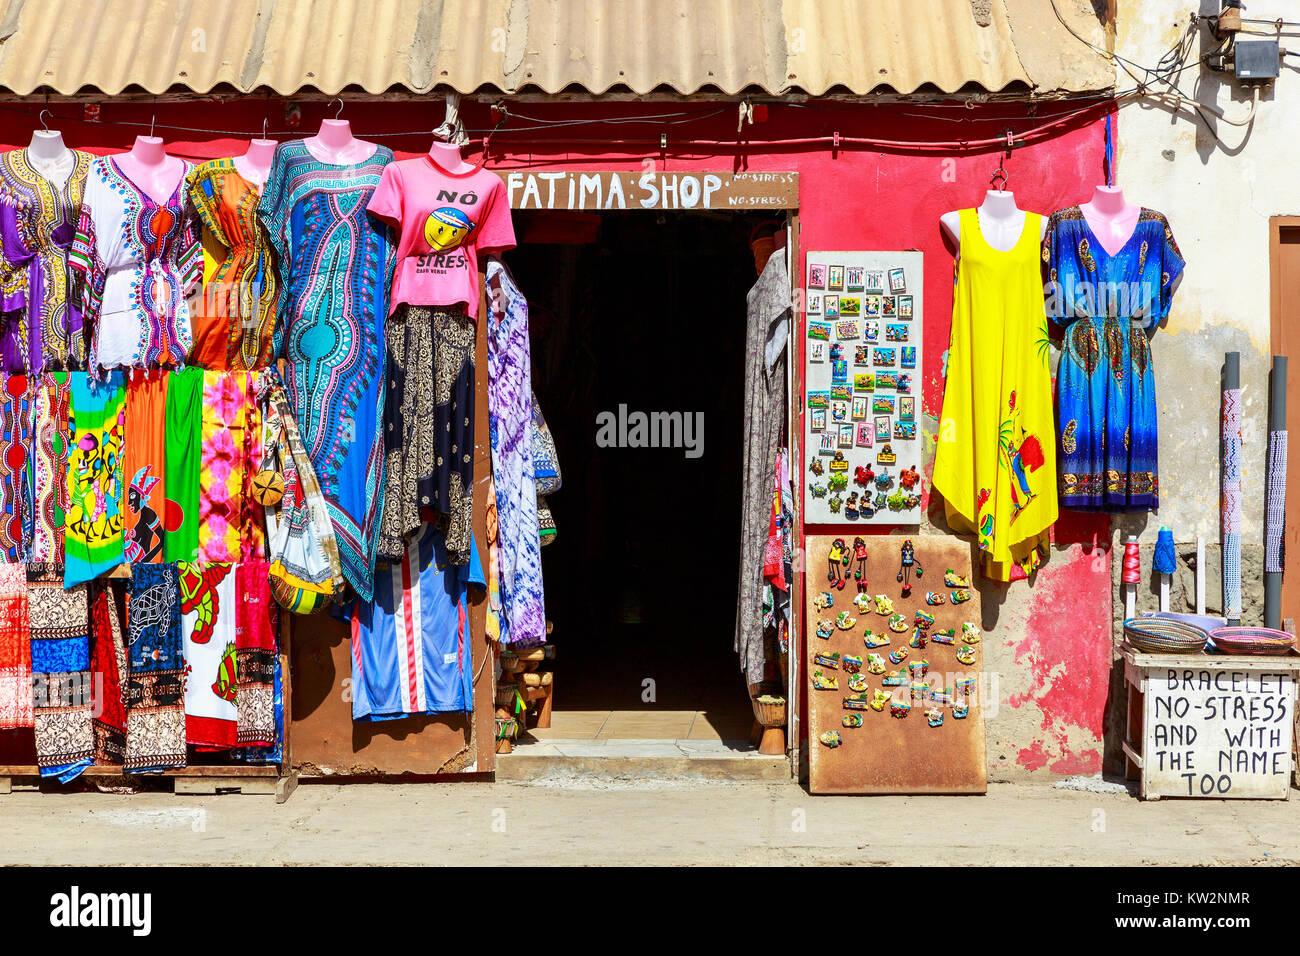 Santa maria clothing stores